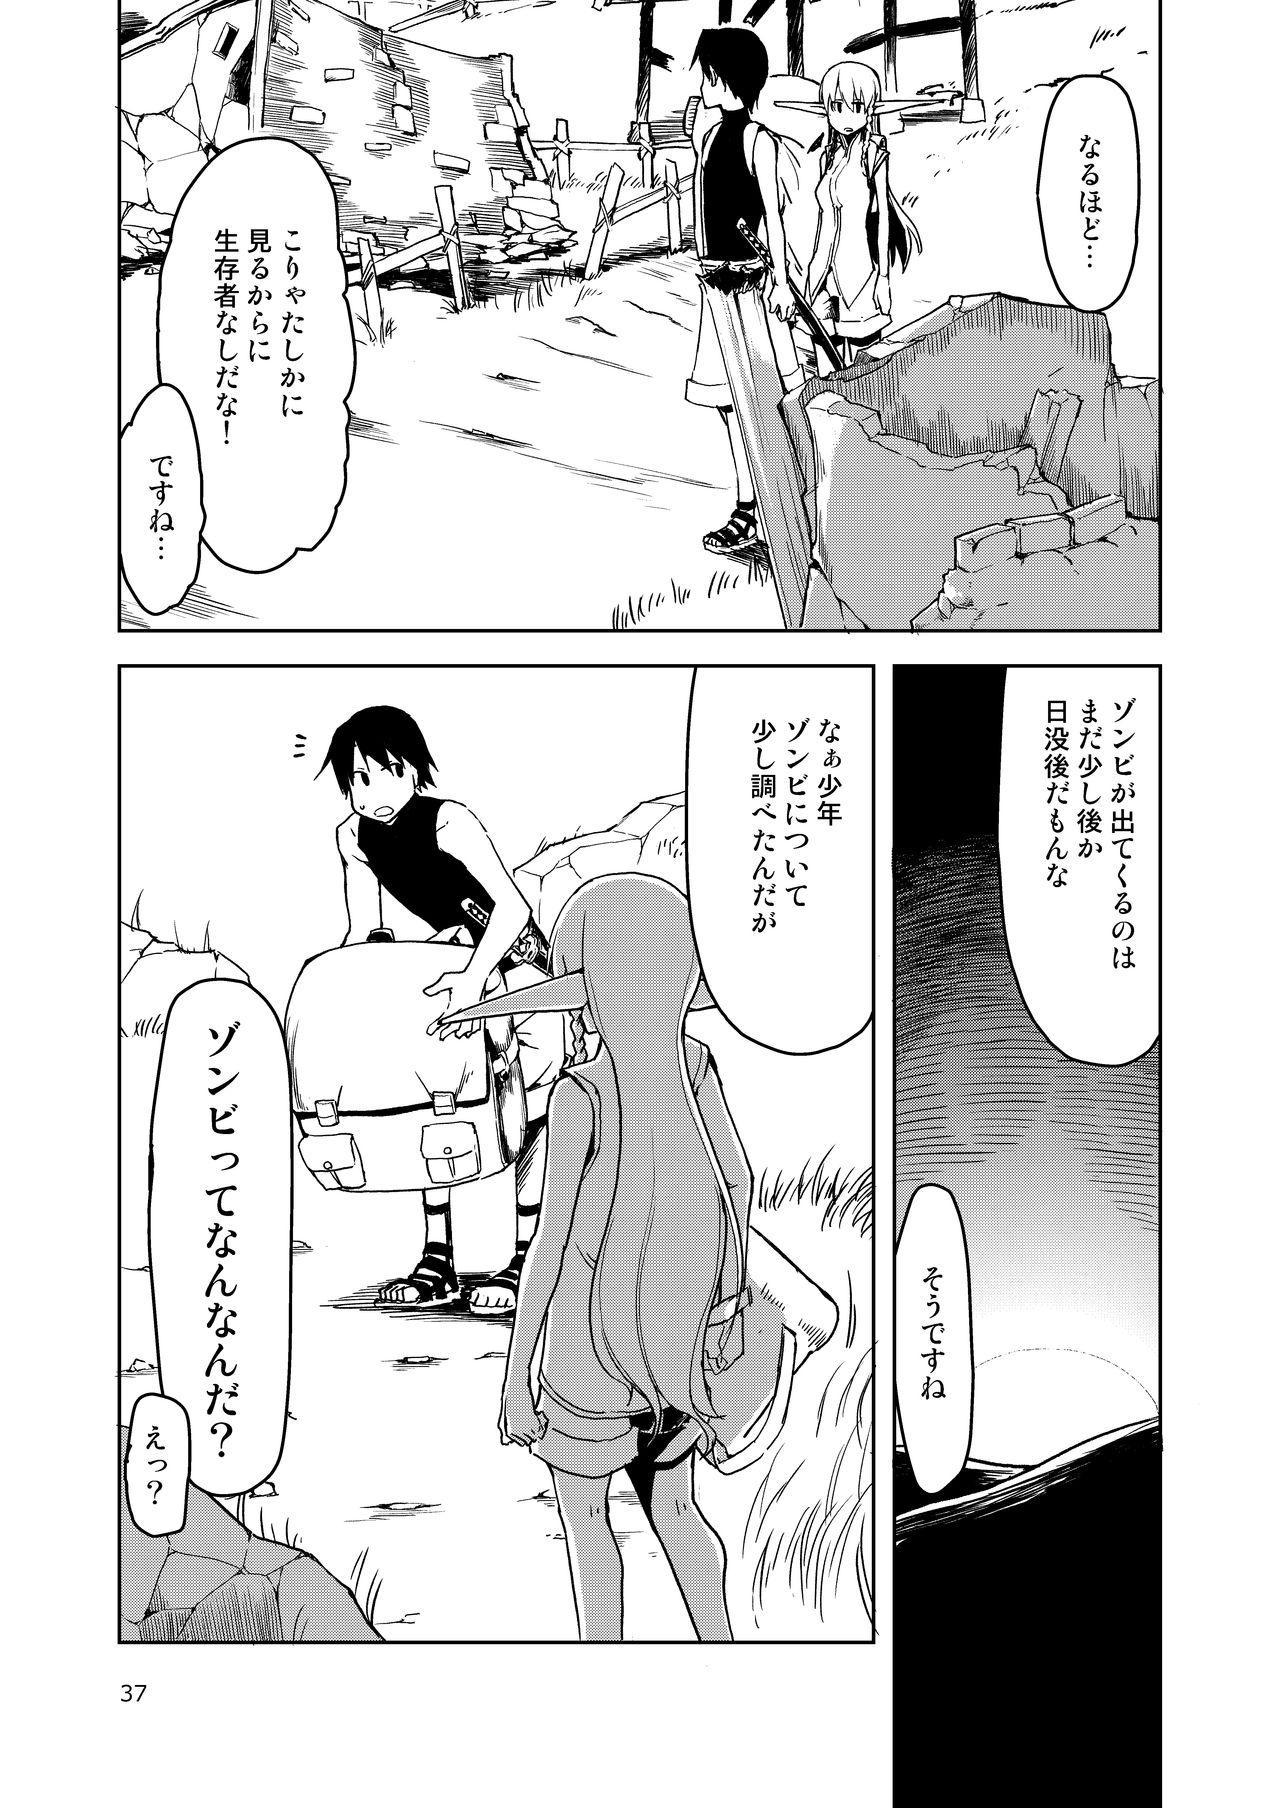 Dosukebe Elf no Ishukan Nikki Matome 2 37